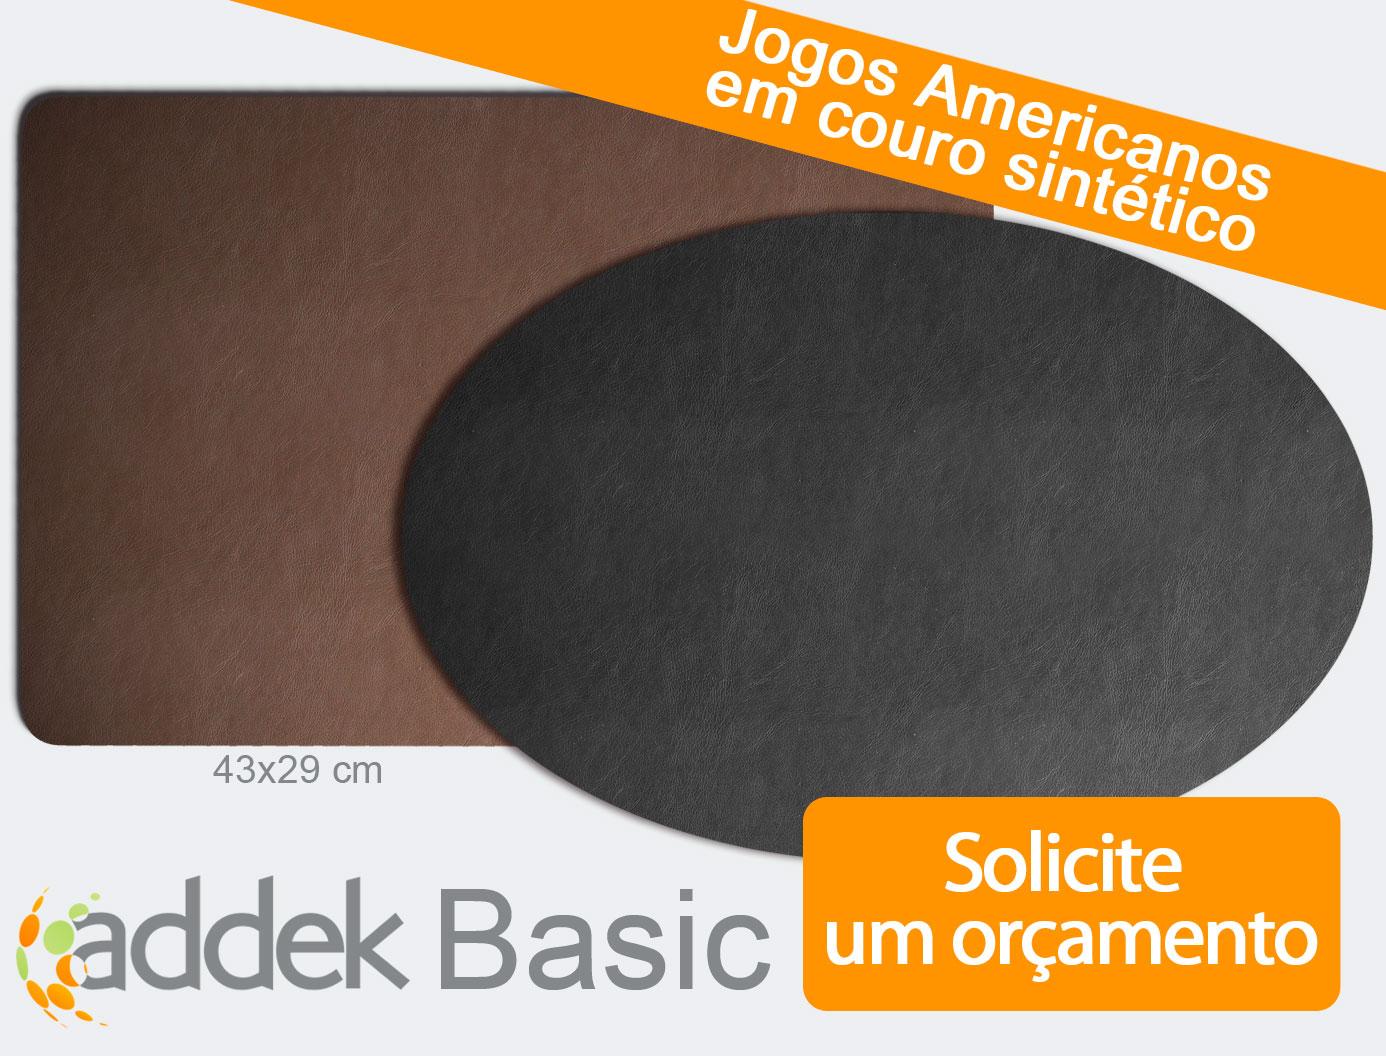 Addek-Basic-Jogo-Americano-orçamento